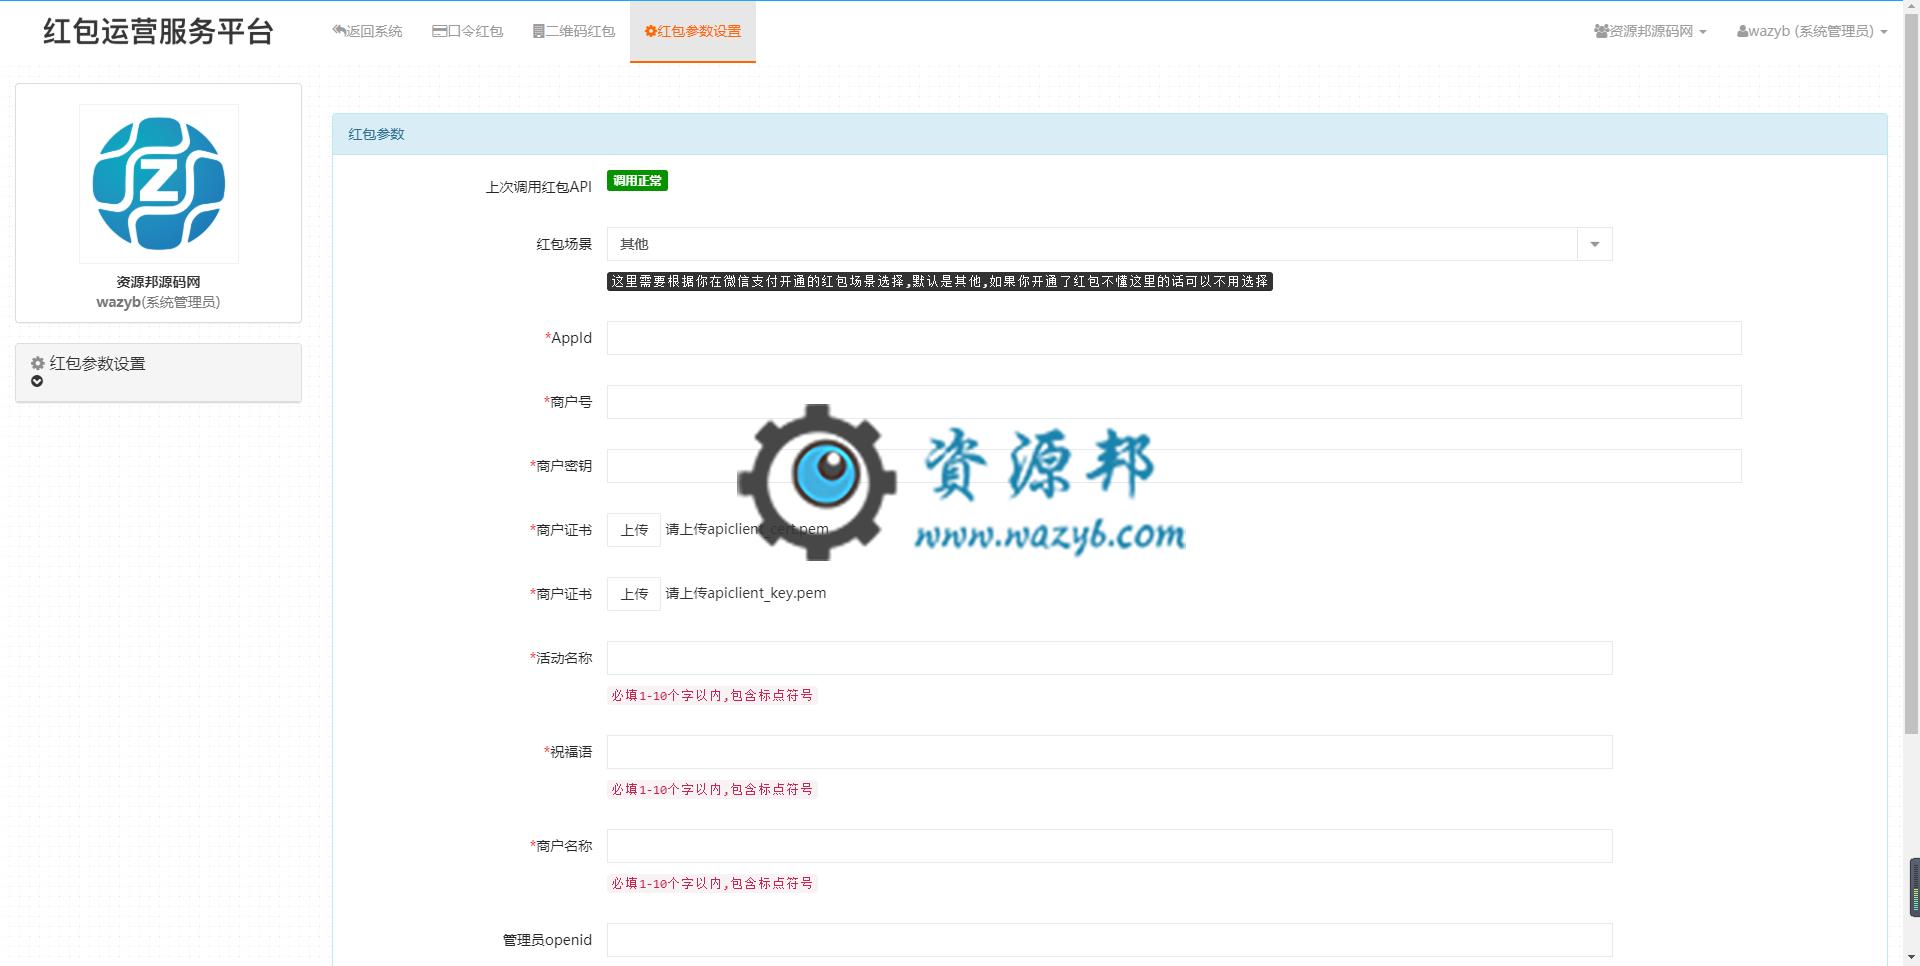 【永久会员专享】黄河·二维码口令红包正版打包更新【更新至V9.0.6】 第3张